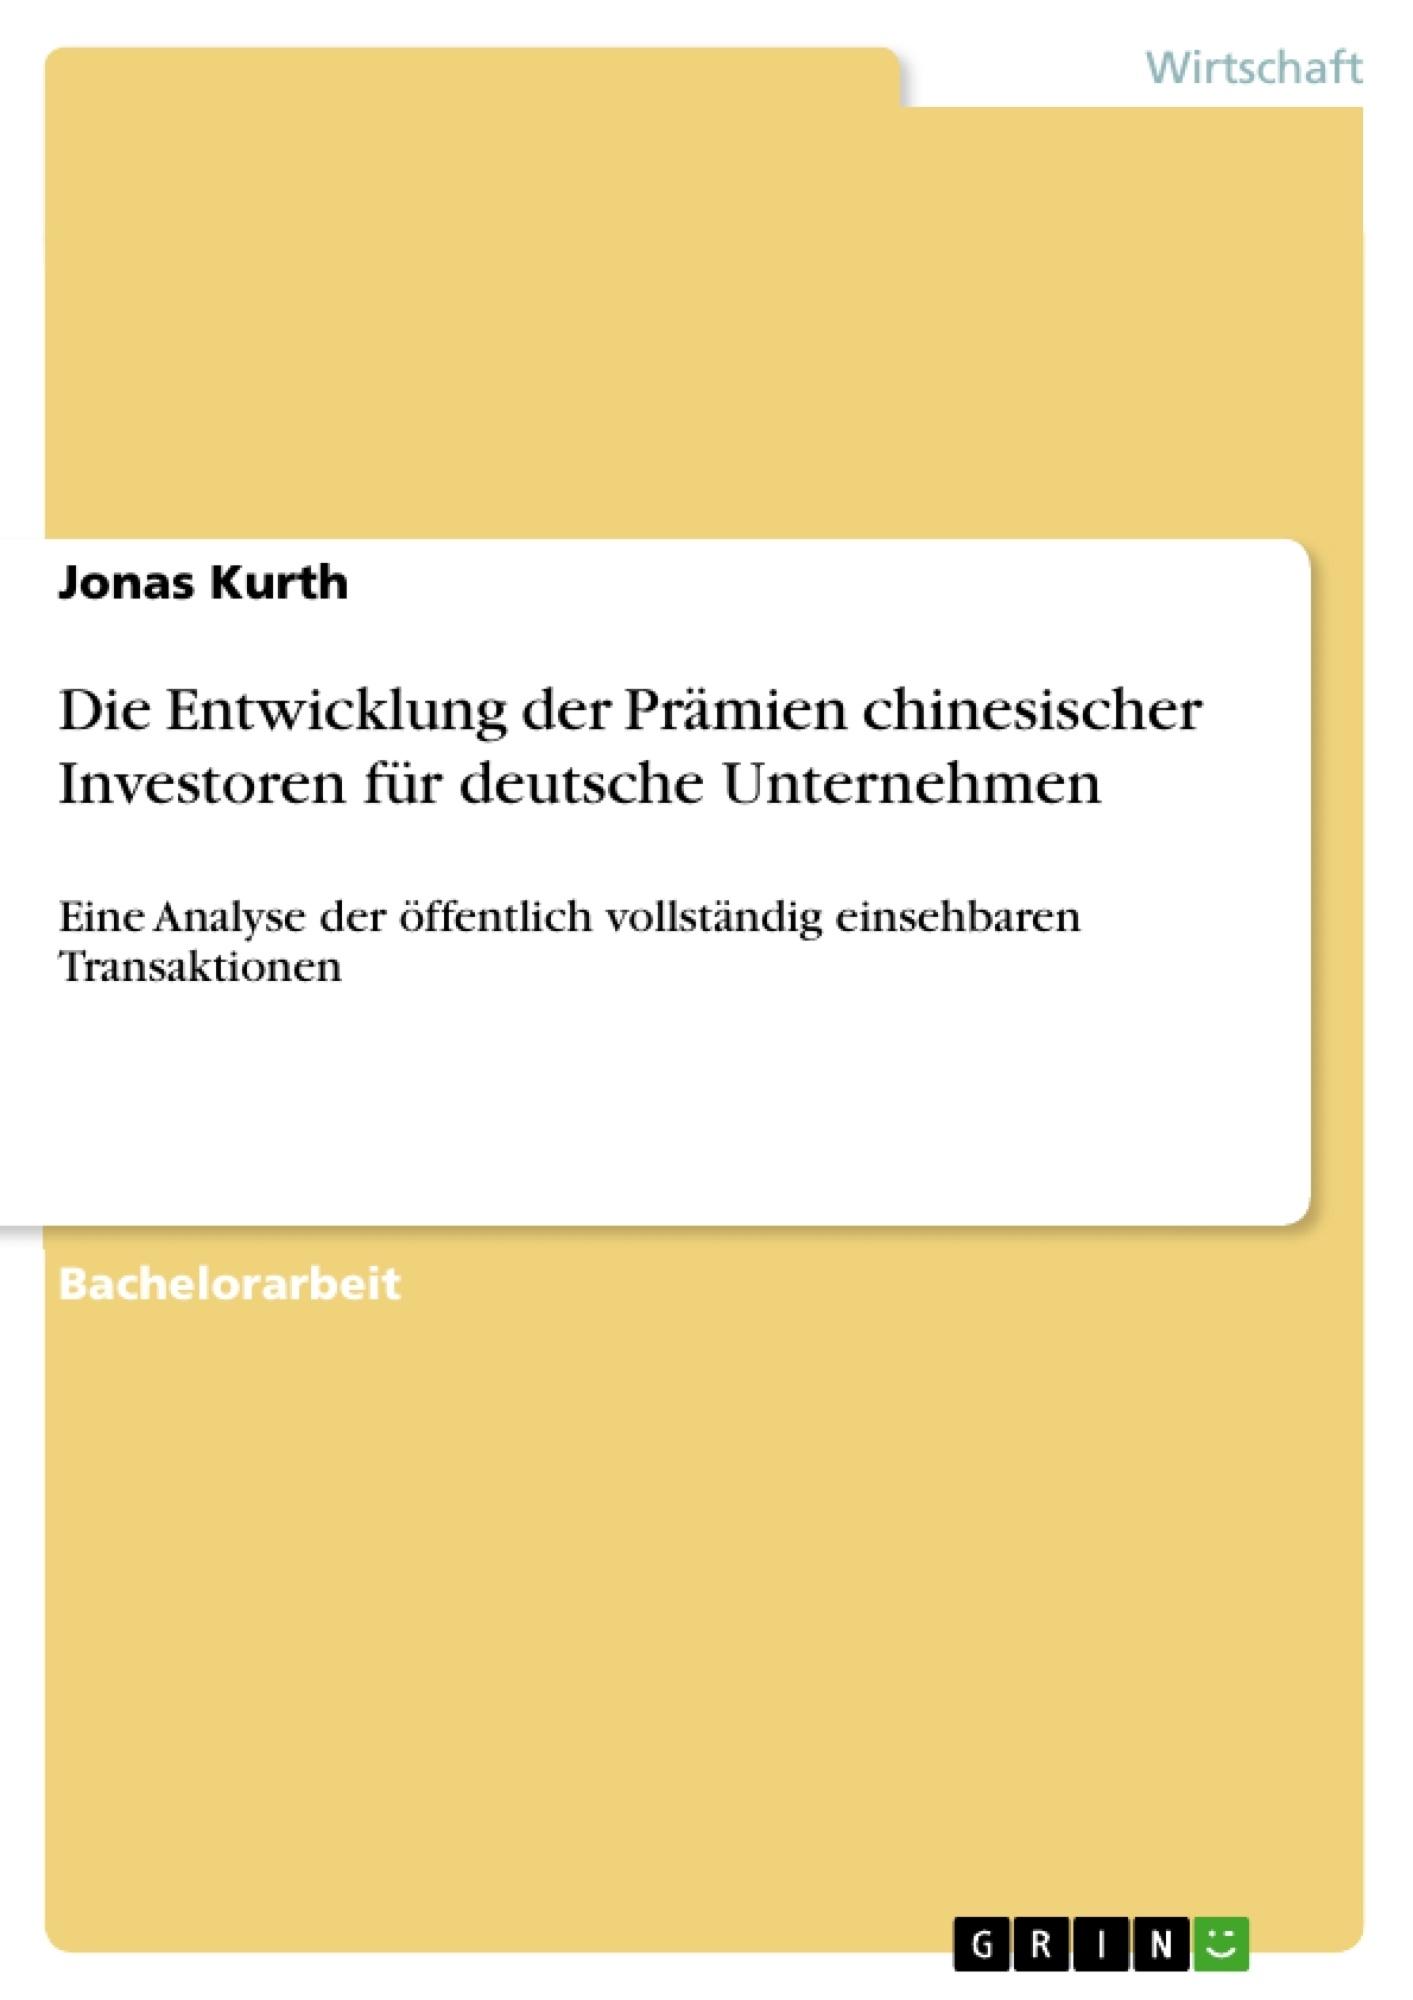 Titel: Die Entwicklung der Prämien chinesischer Investoren für deutsche Unternehmen